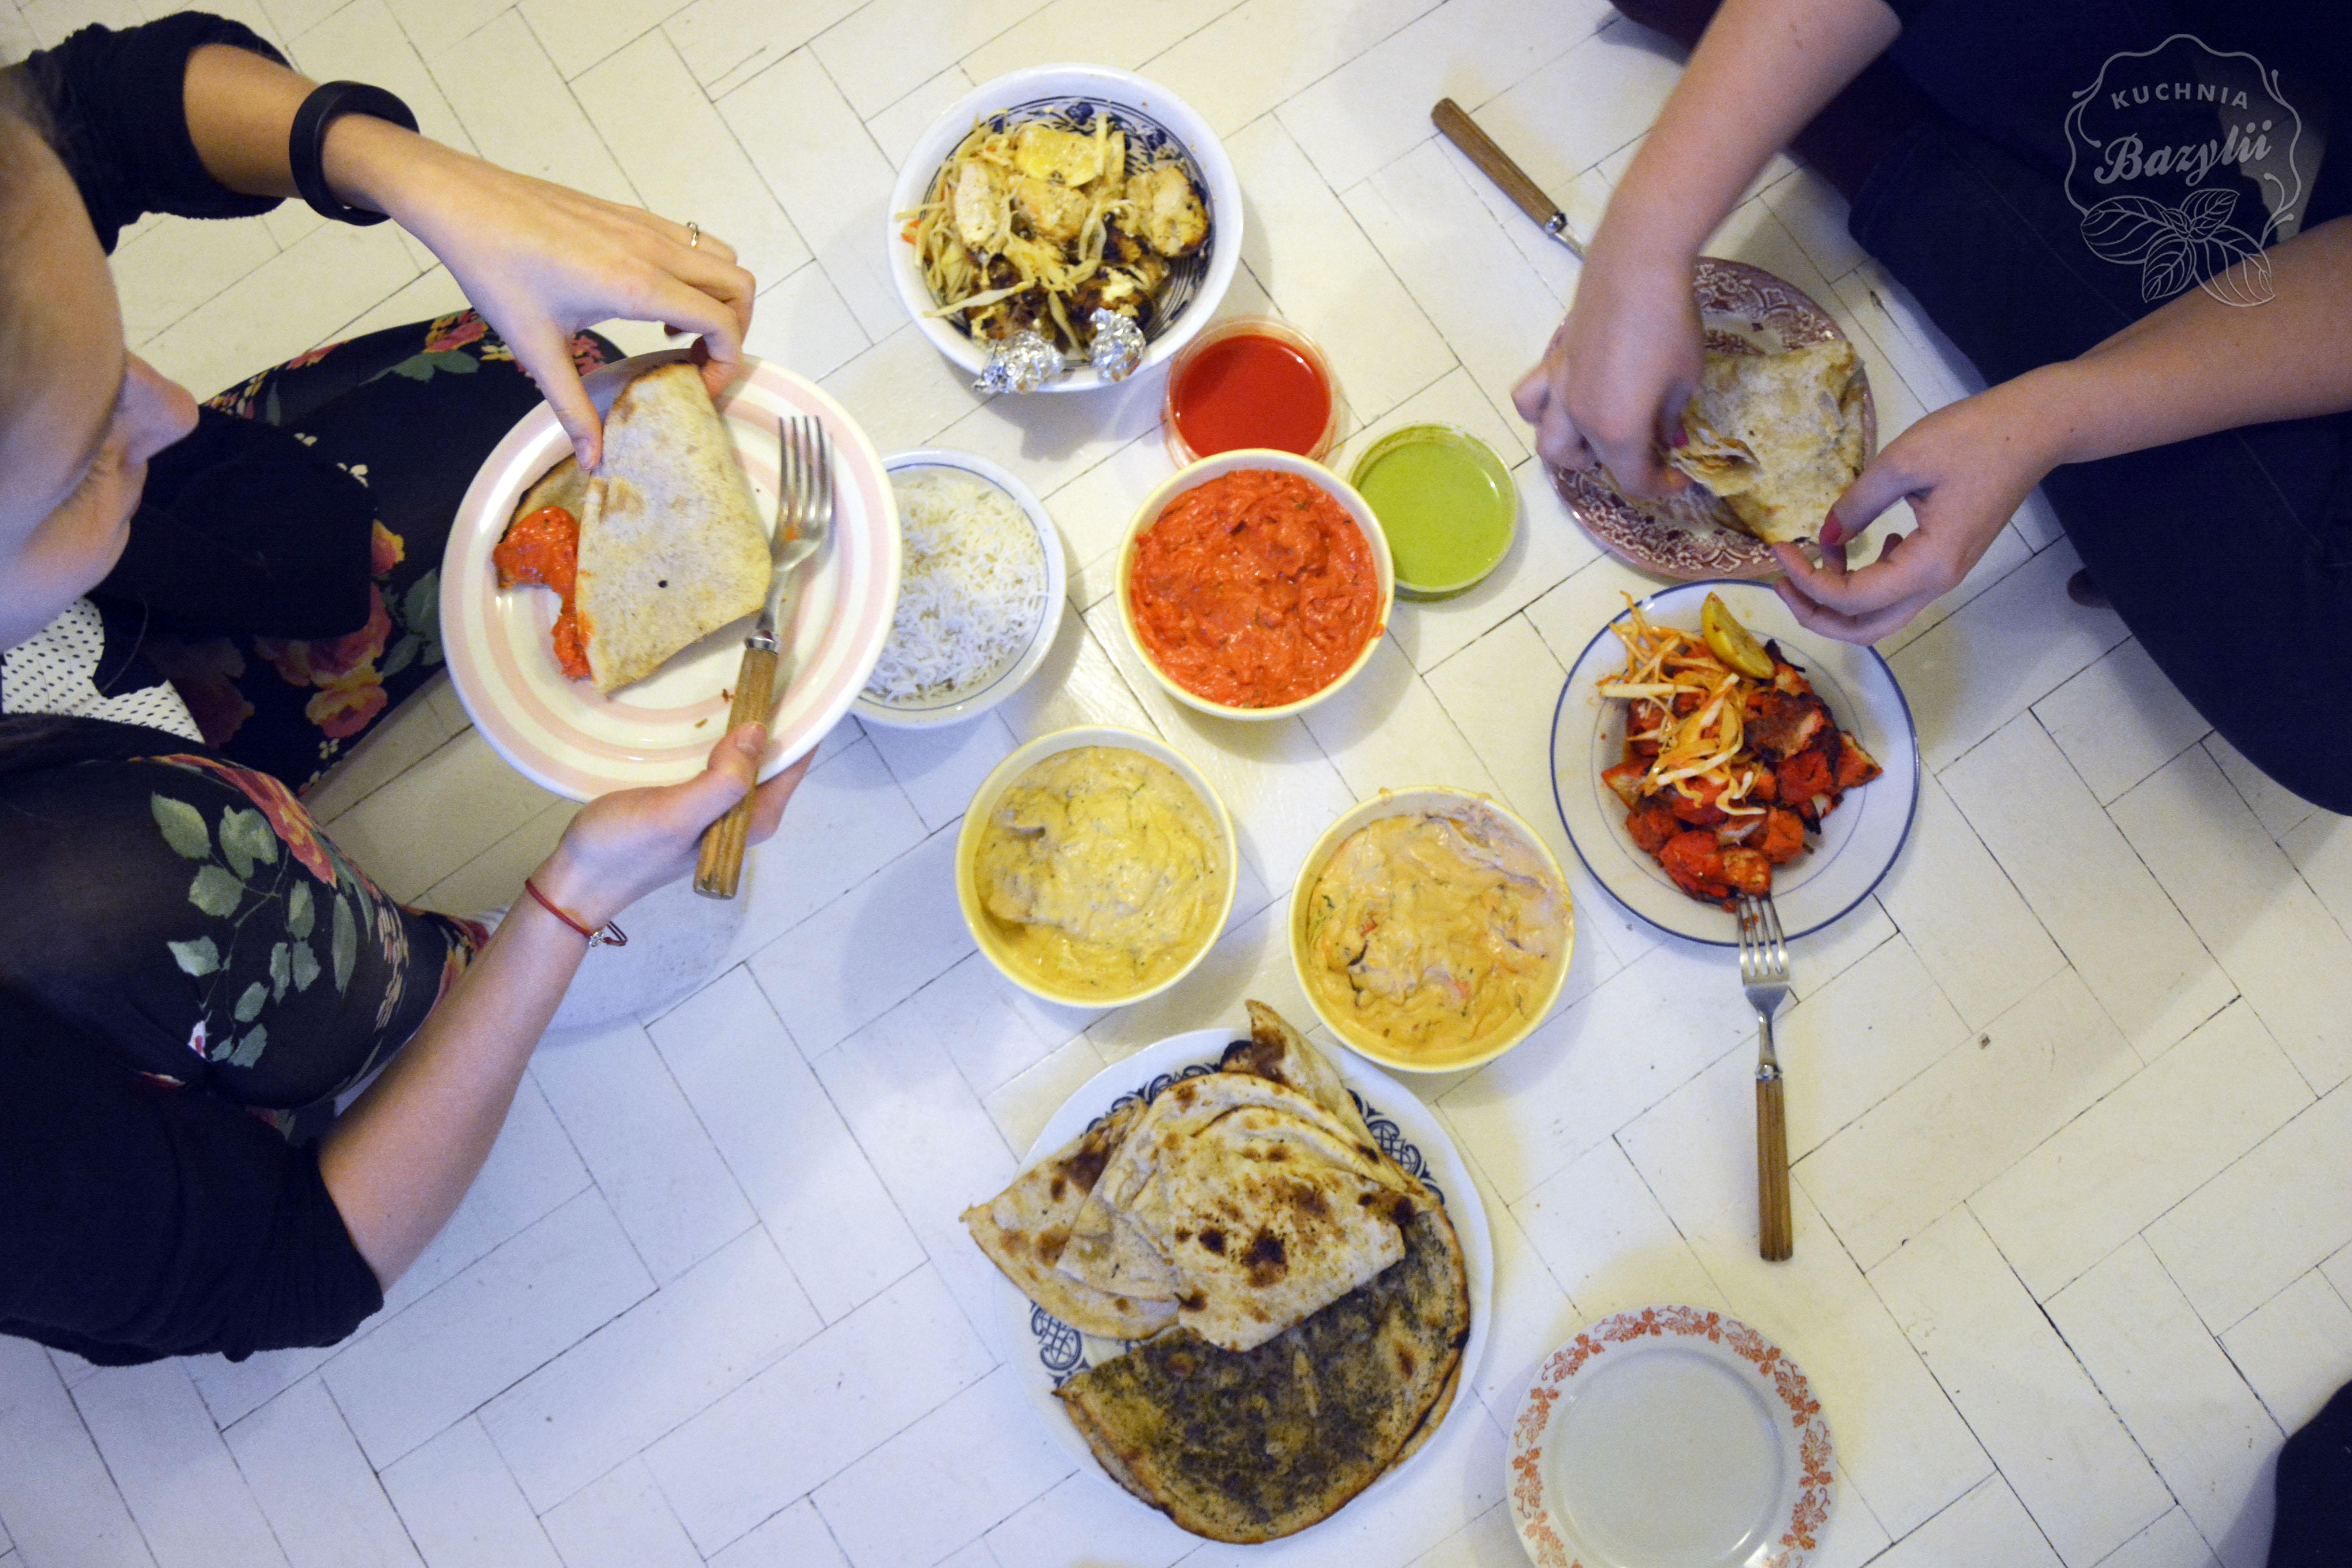 Wieczor Z Kuchnia Indyjska Kuchniabazylii Pl Blog Kulinarny